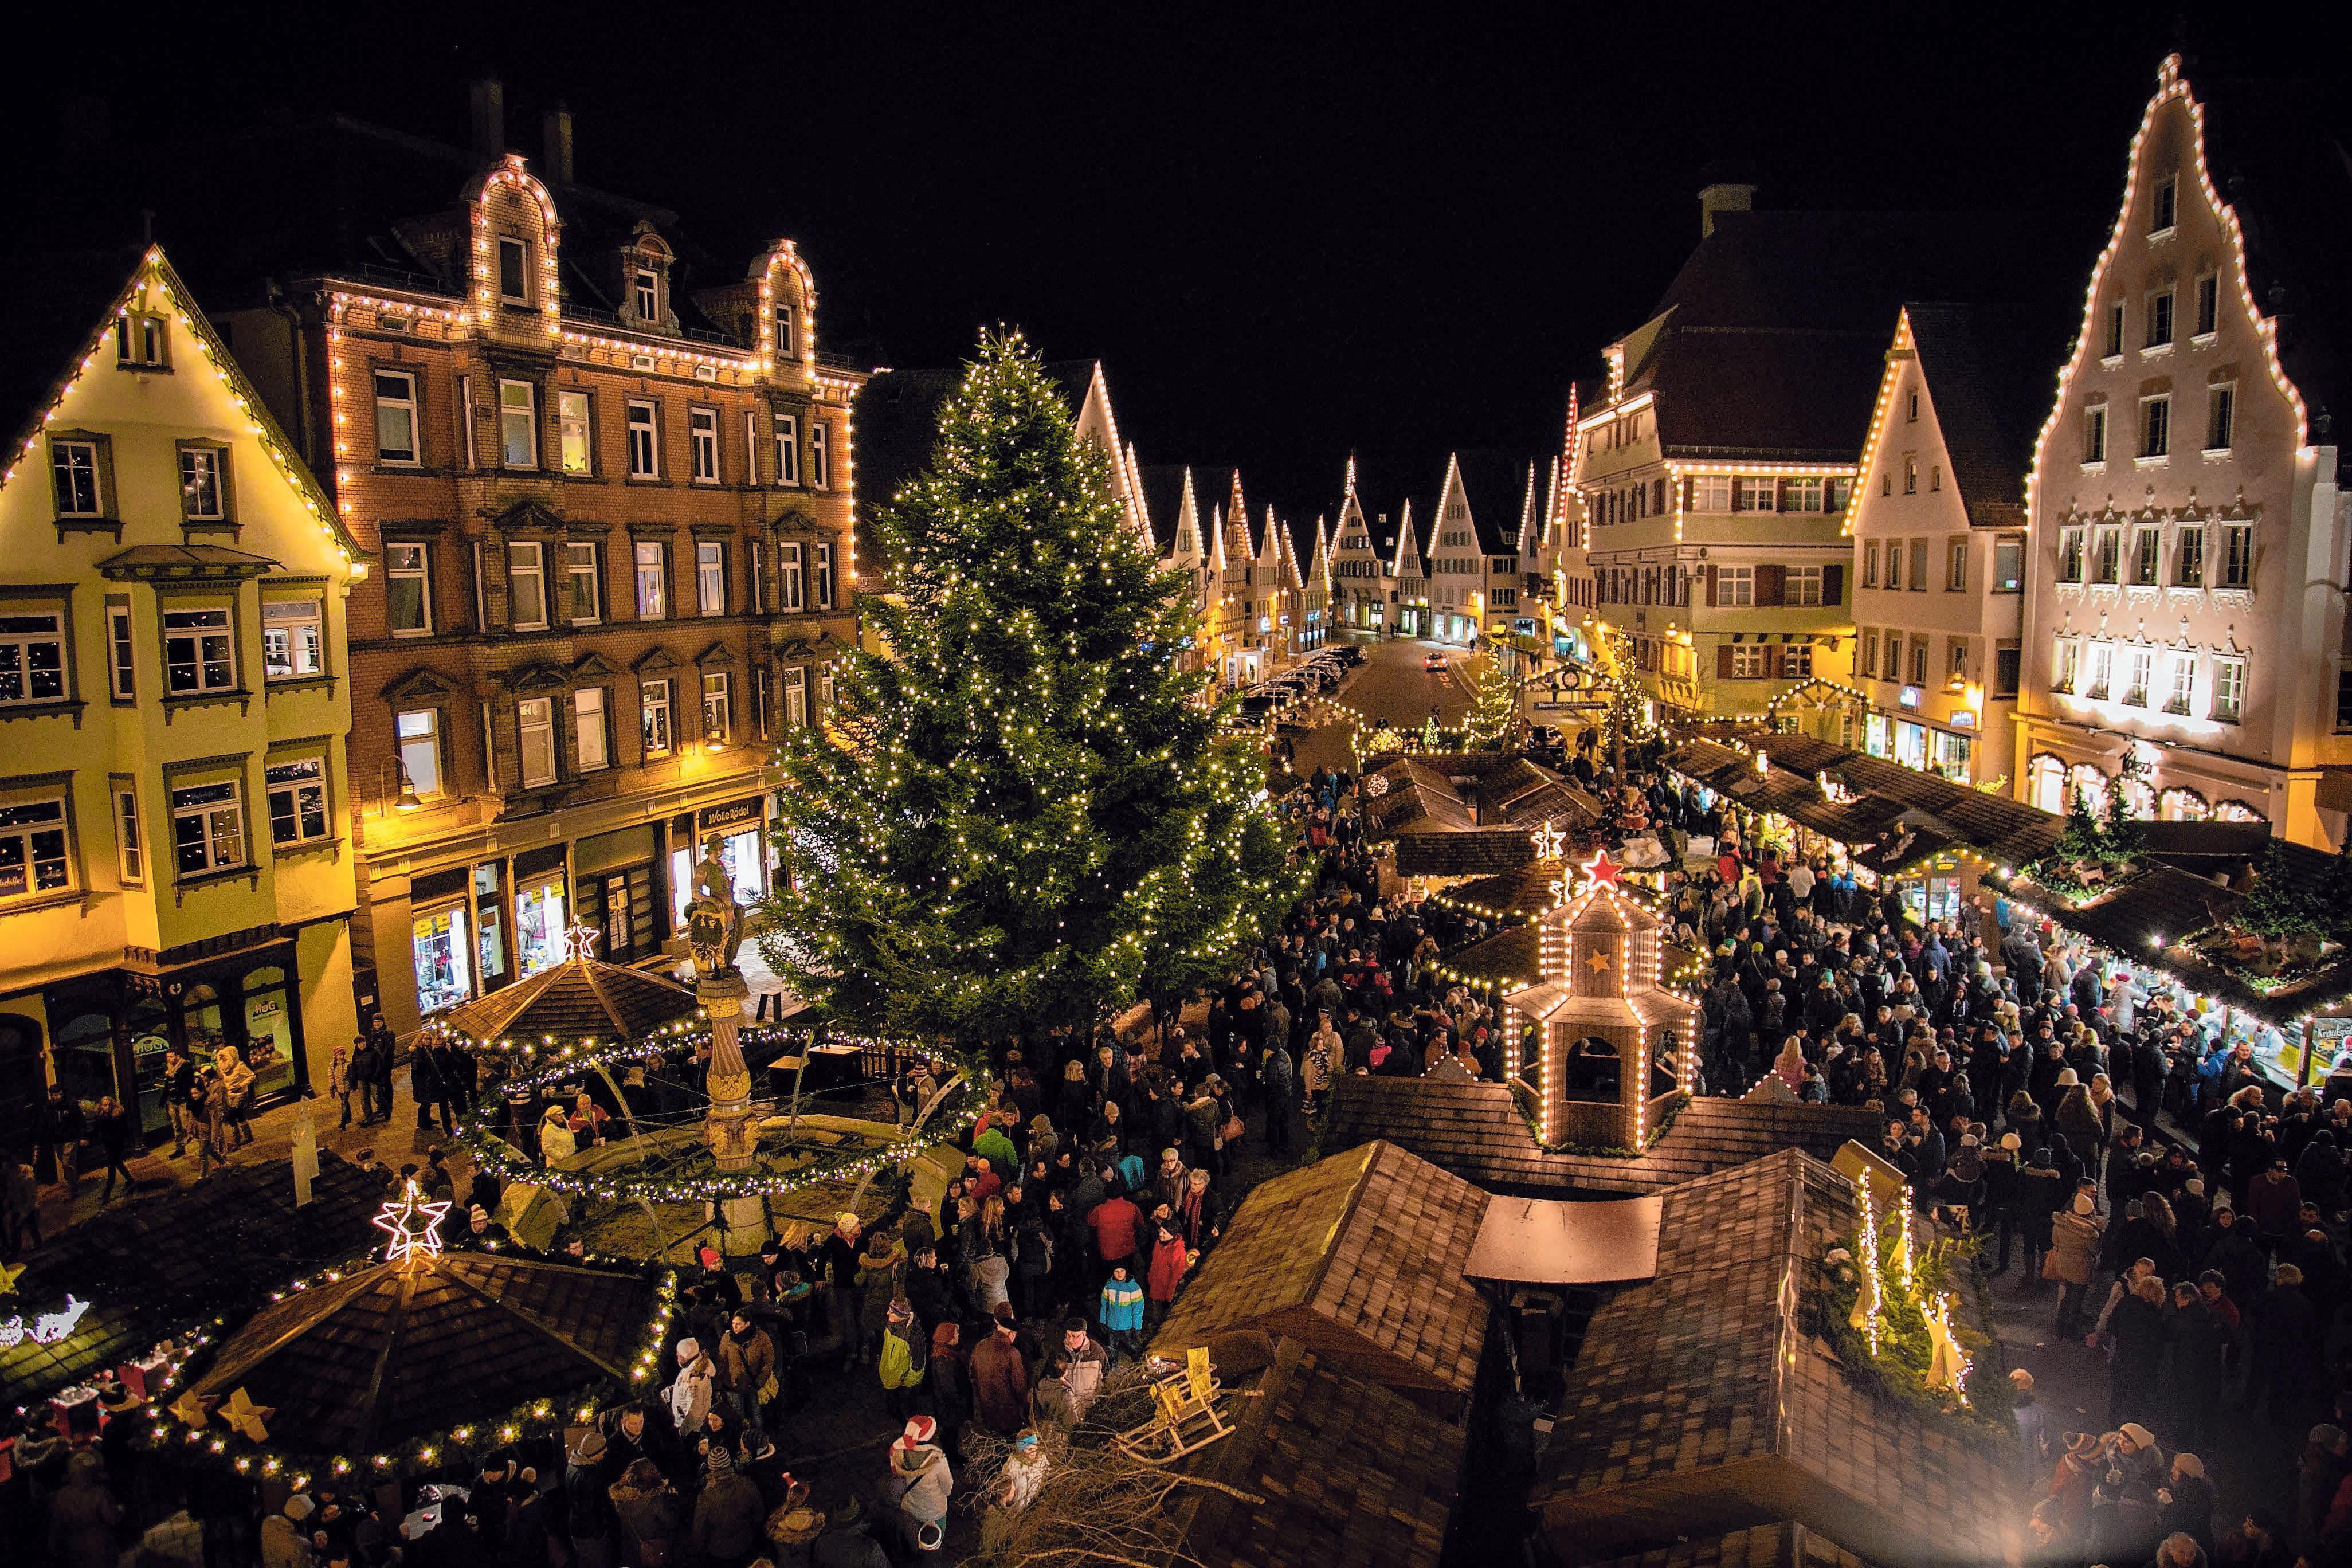 """Das Büchlein """"Geschichten aus dem Weihnachtshimmel feiert auf dem Biberacher Christkindles- Markt sein 20. Jubiläum. FOTO: GERD MÄGERLE"""